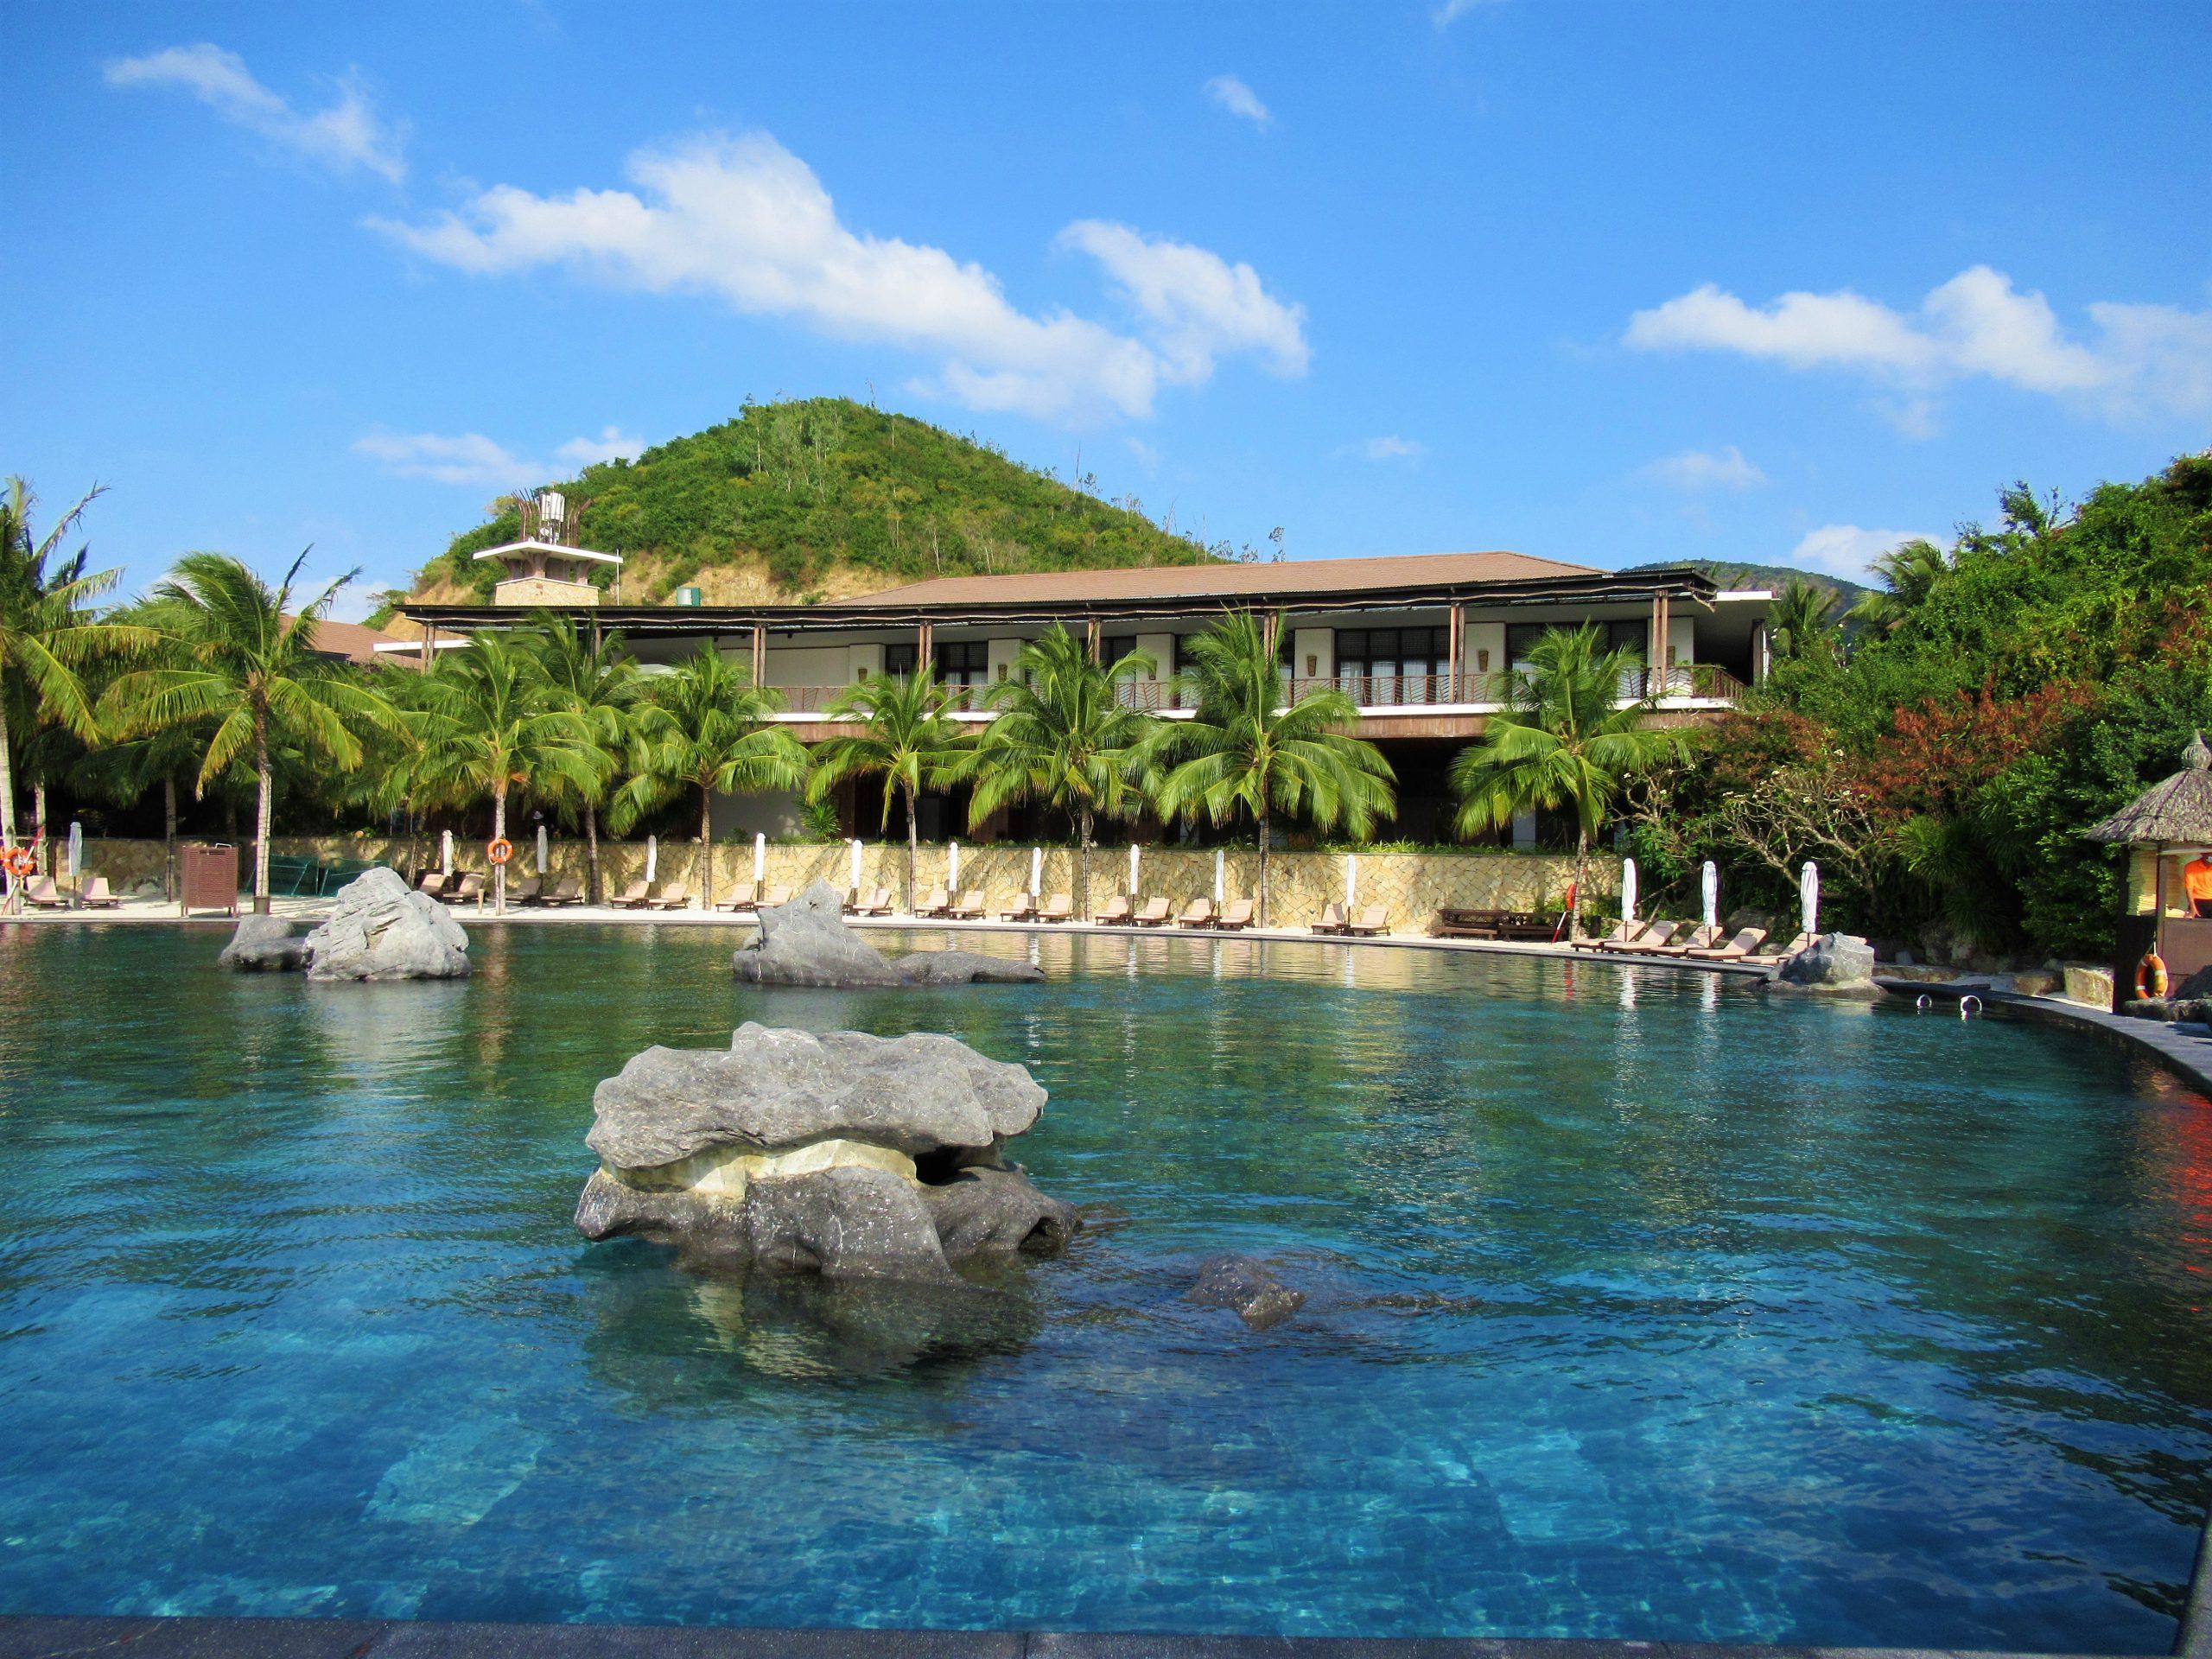 Amiana Resort & Spa, Nha Trang, Vietnam